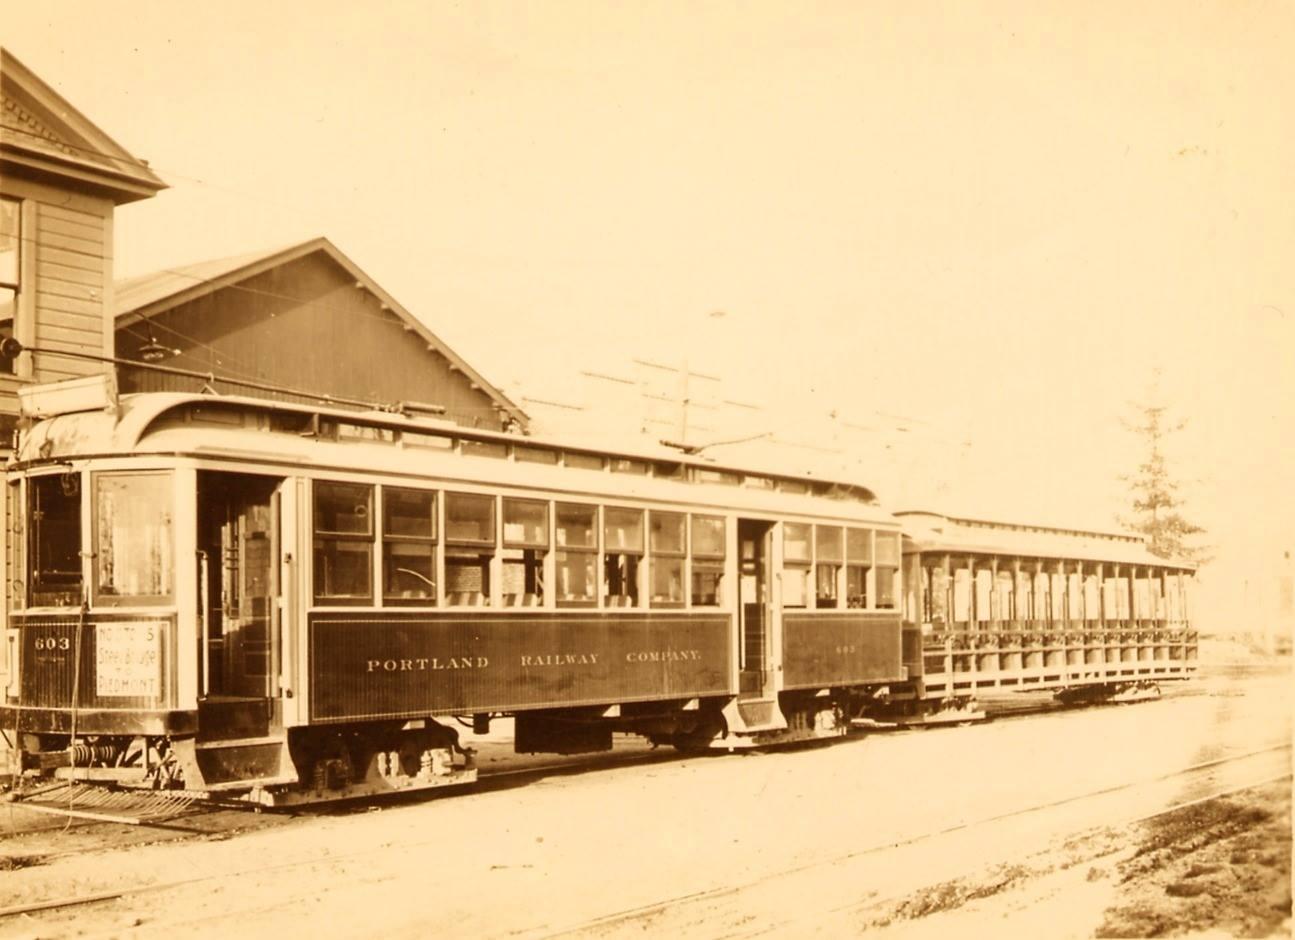 Car 603 portland railway co.